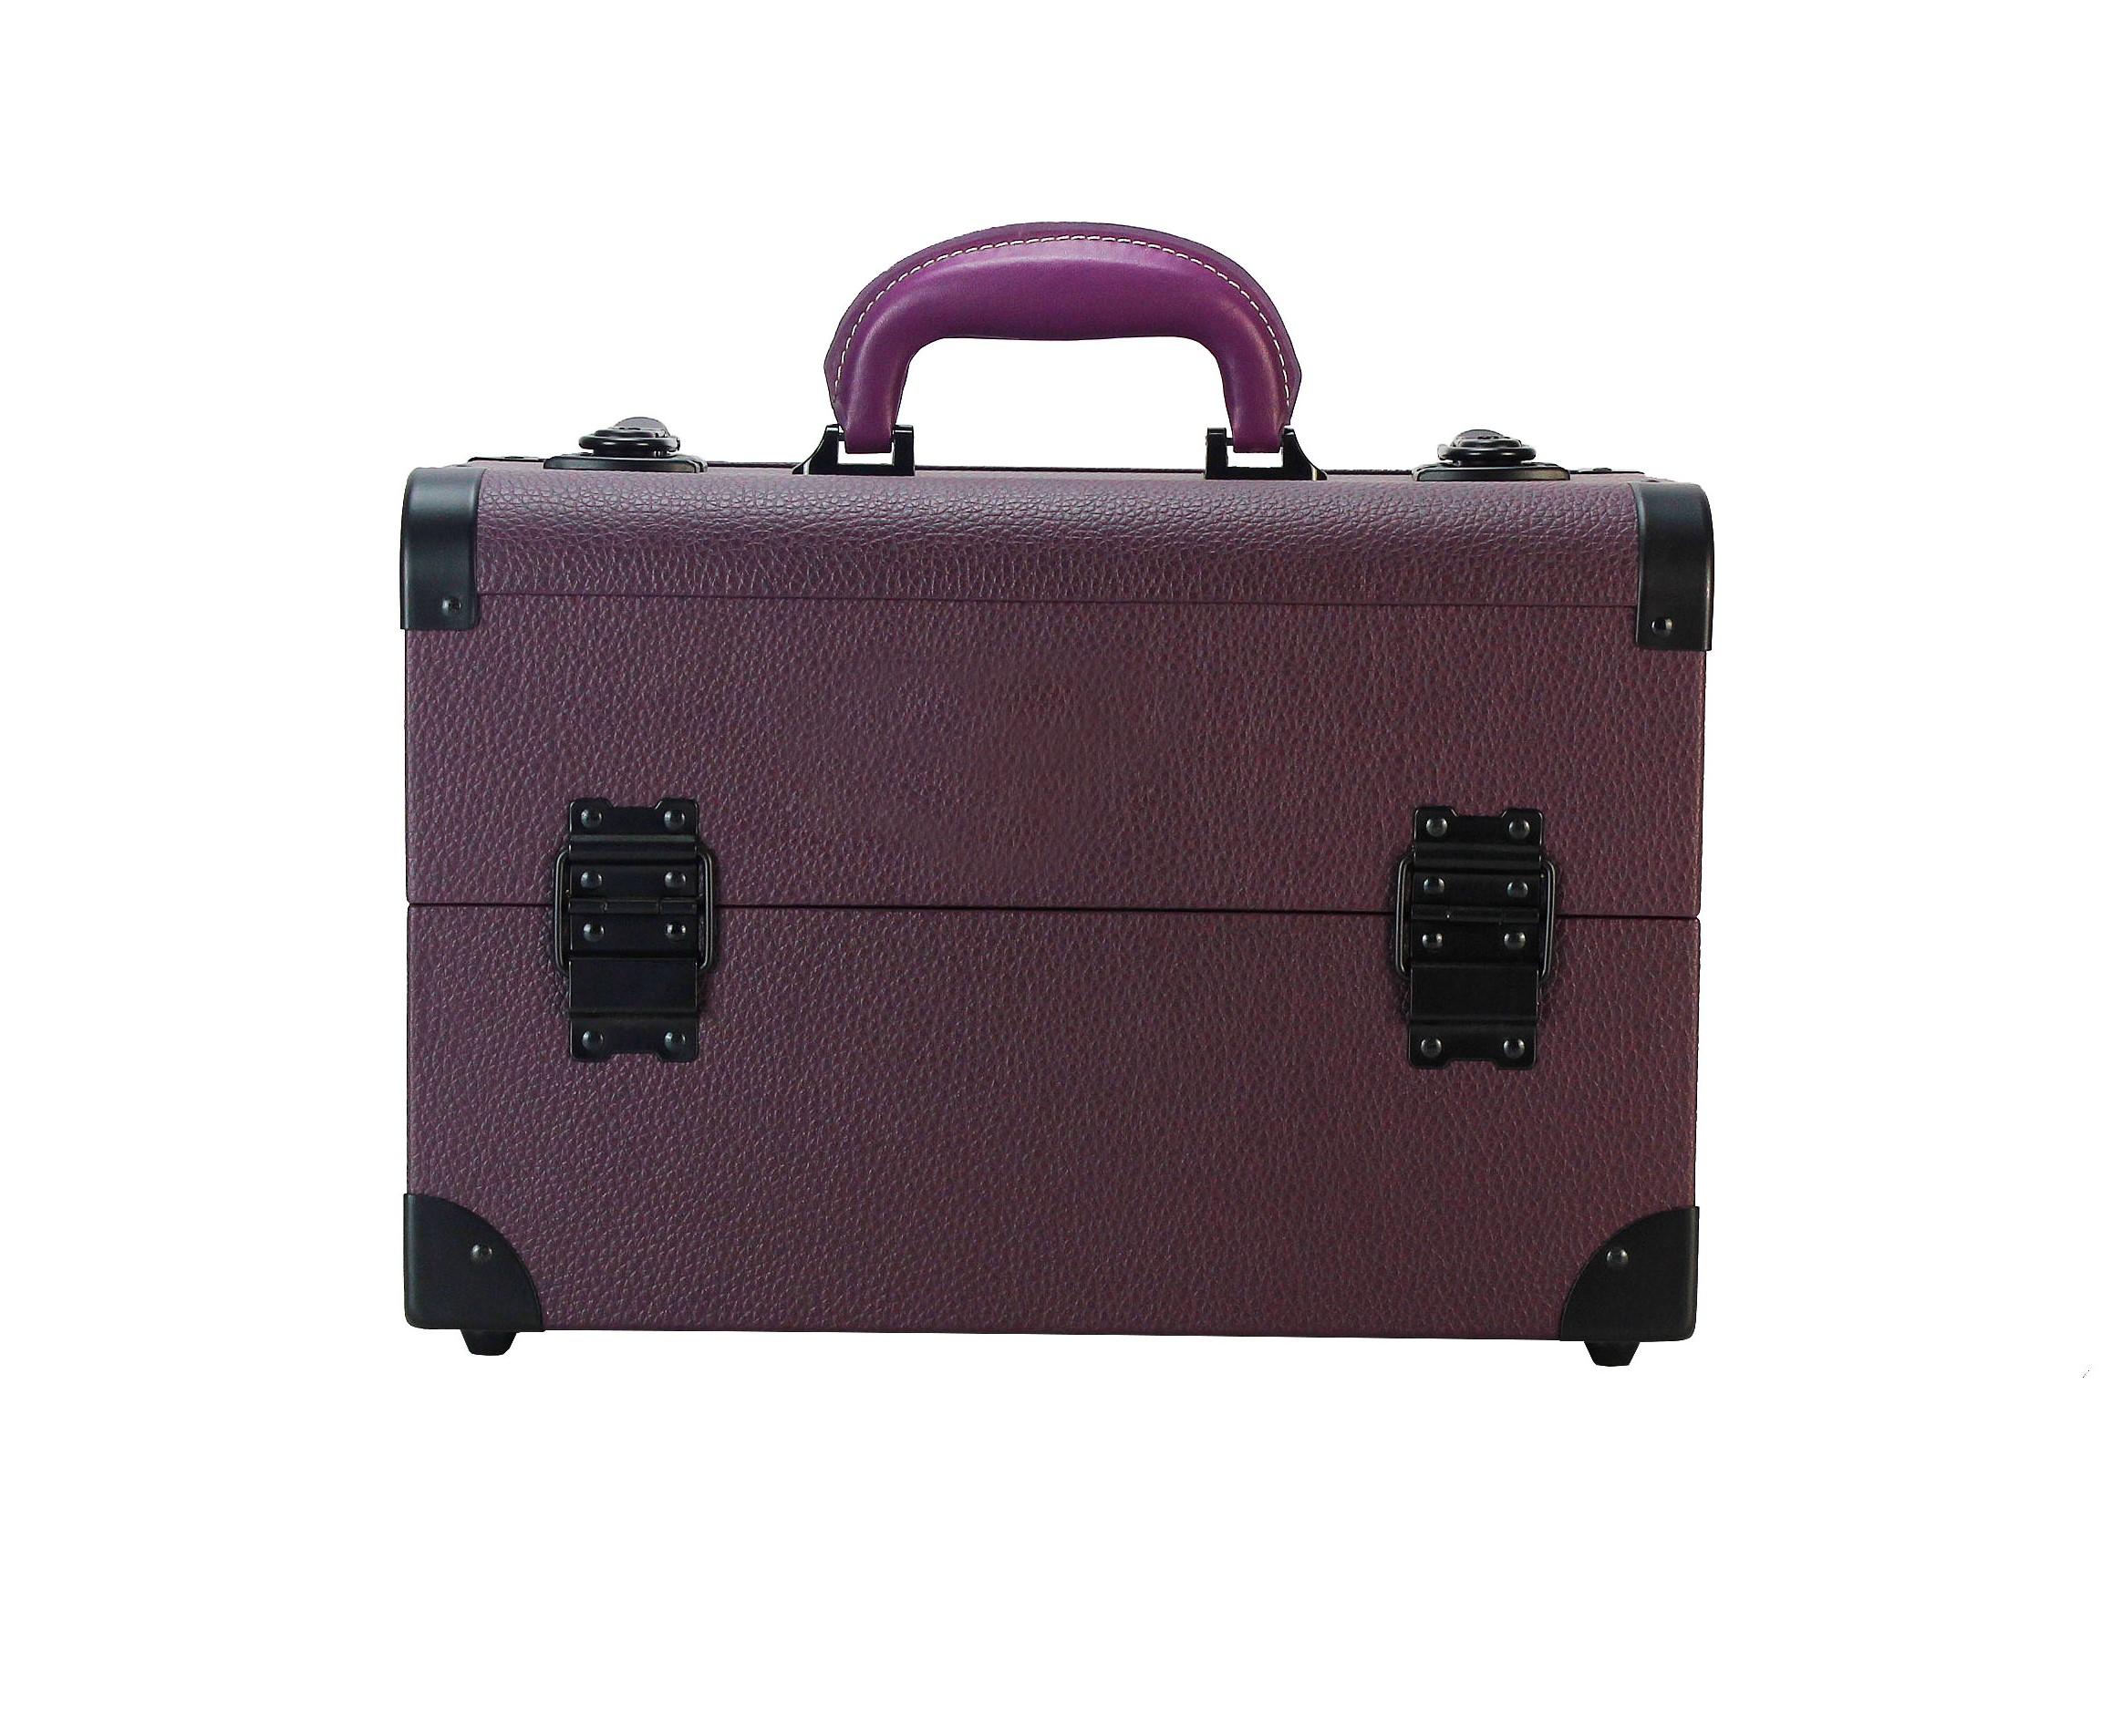 Бьюти кейс для визажиста MC 3622 (фиолетовый) - изображение